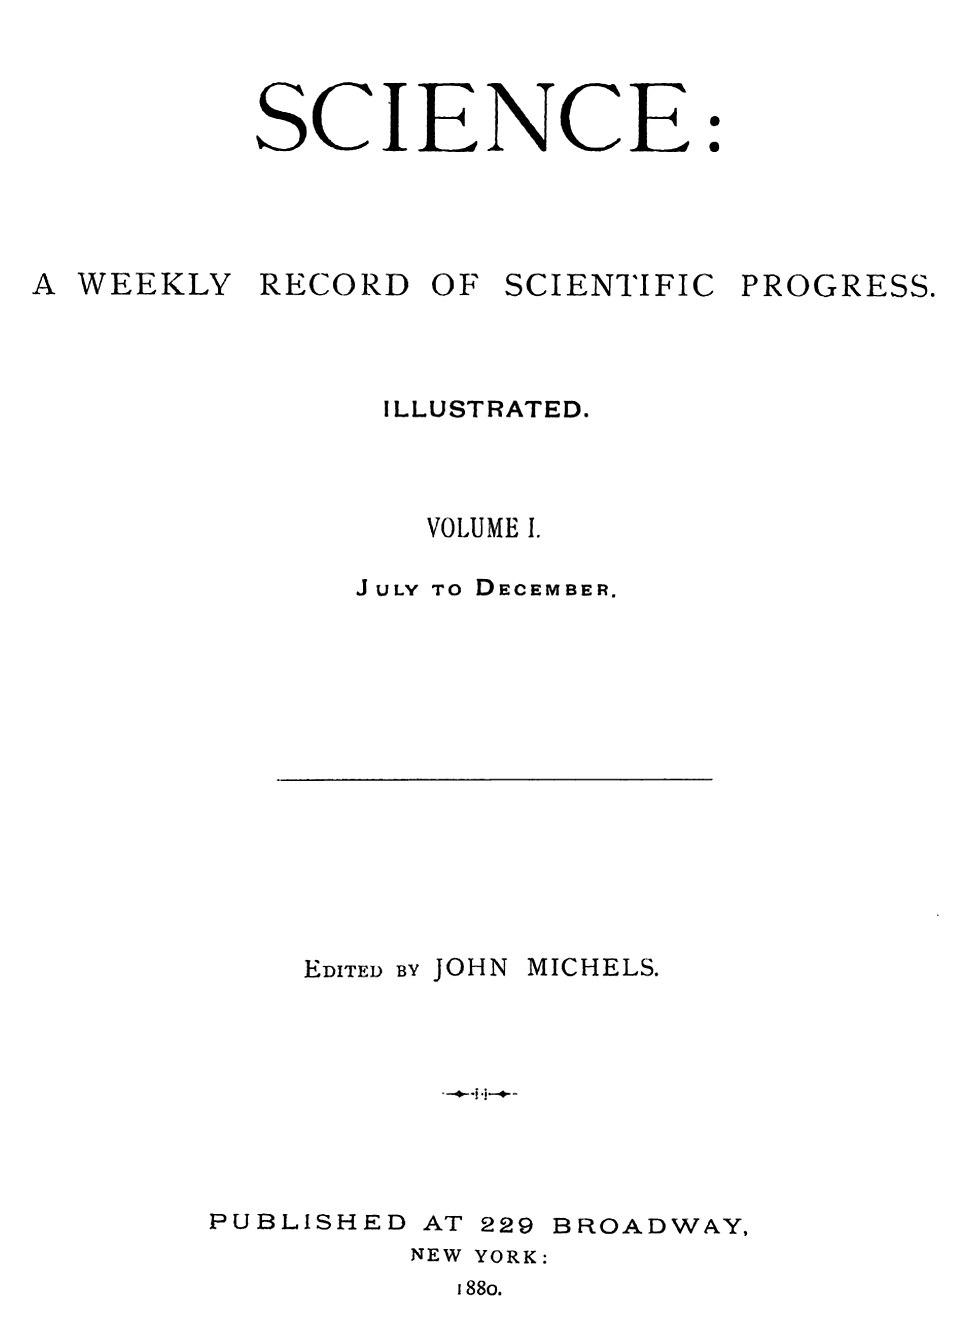 Science Vol. 1 (1880)